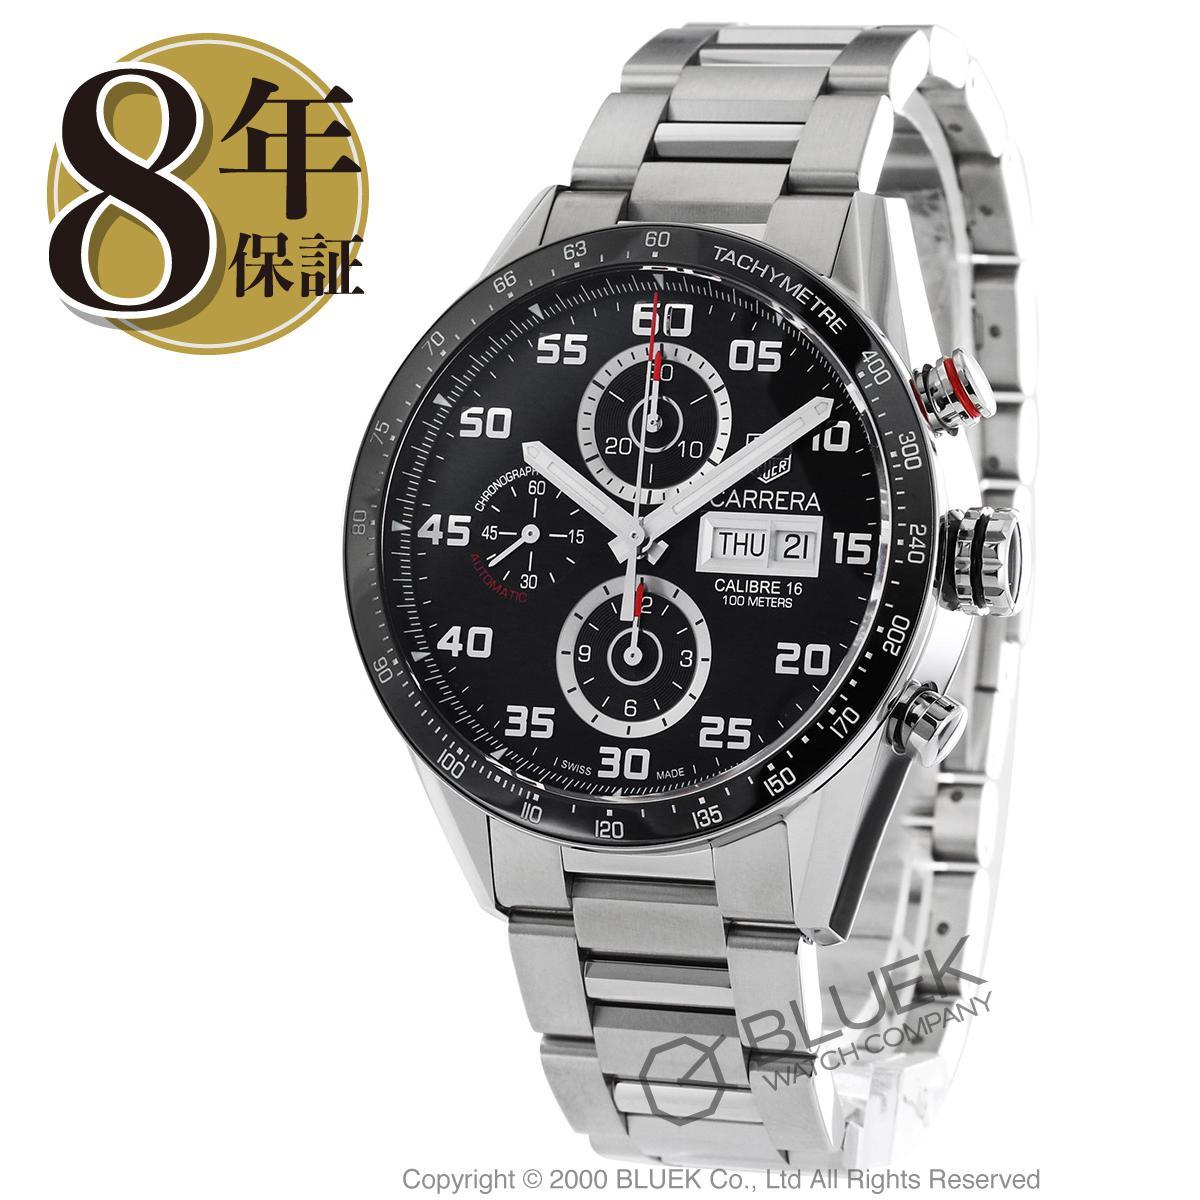 【6,000円OFFクーポン対象】タグホイヤー カレラ クロノグラフ 腕時計 メンズ TAG Heuer CV2A1R.BA0799_8